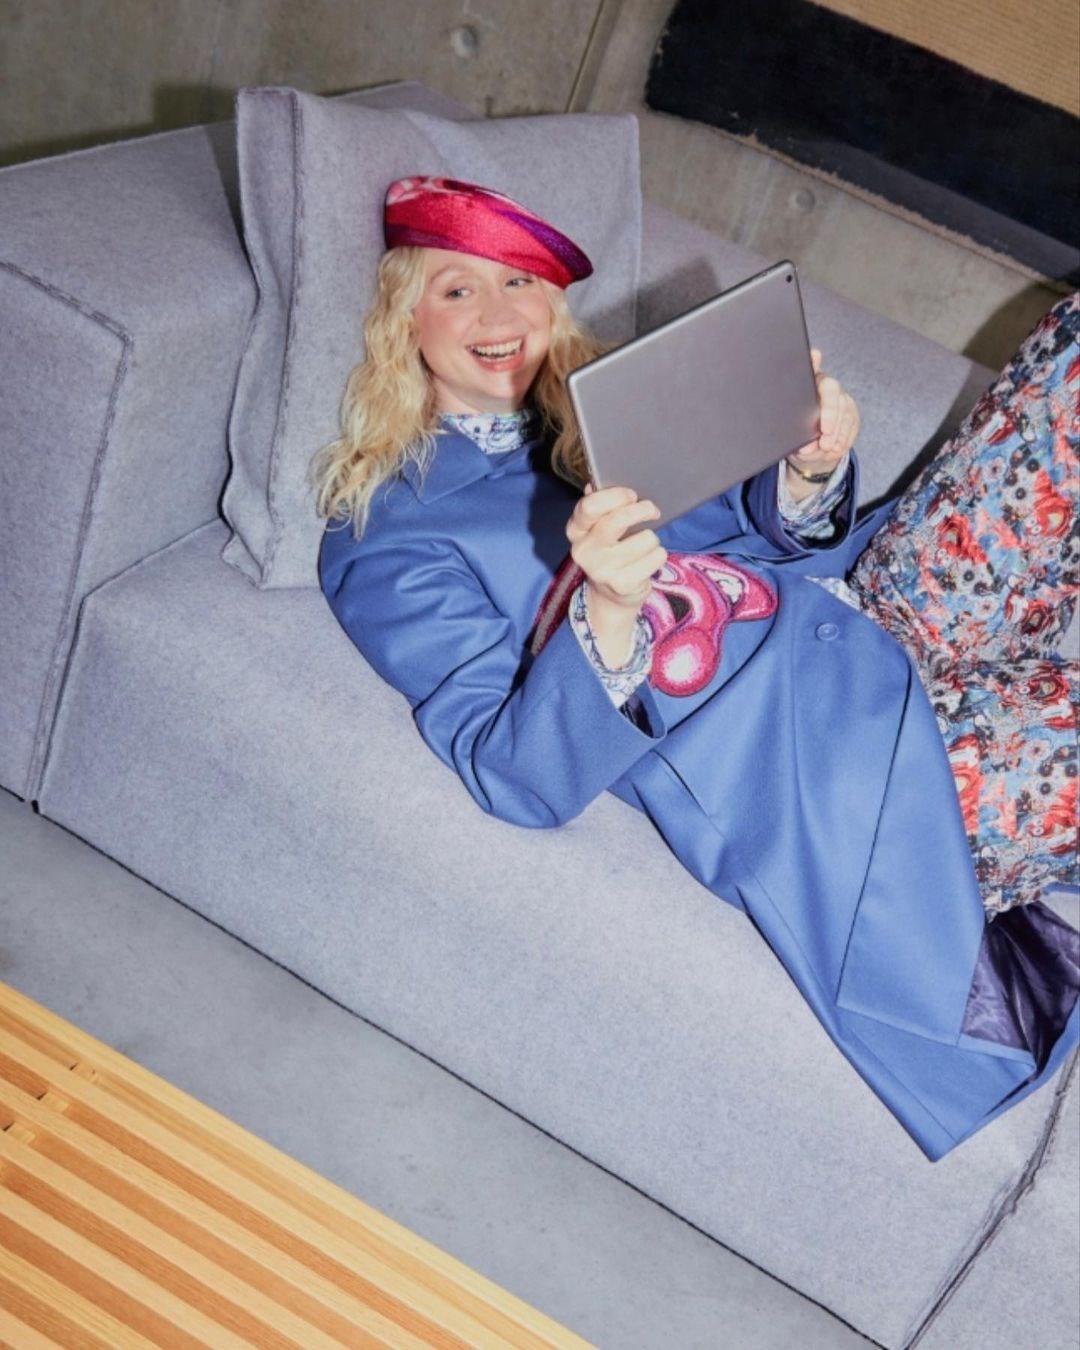 Роберт Паттинсон, Кейт Мосс, Белла Хадид и другие звезды в рекламной кампании Dior Pre-Fall 2021 (ФОТО) - фото №5